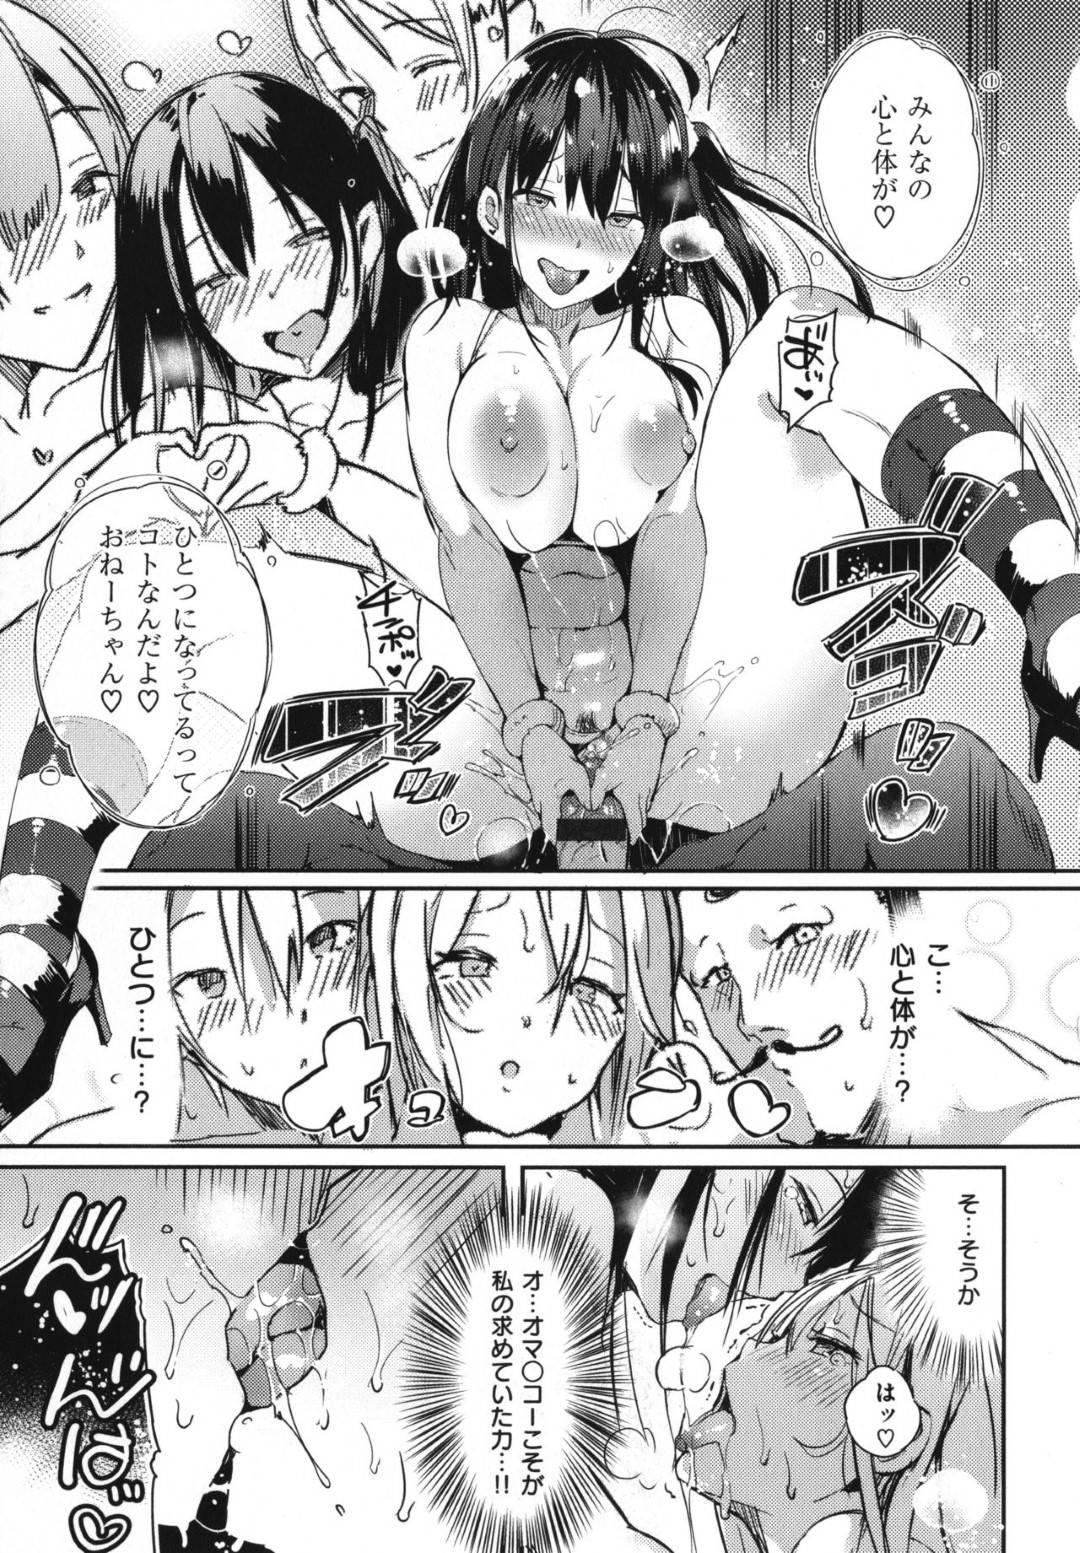 【エロ漫画】企画で見られながらAV撮影する事となったムチムチお姉さん…満更でもない彼女は二穴挿入される乱交セックスで感じまくる!【momi:ワンだふるうぉーず!!】